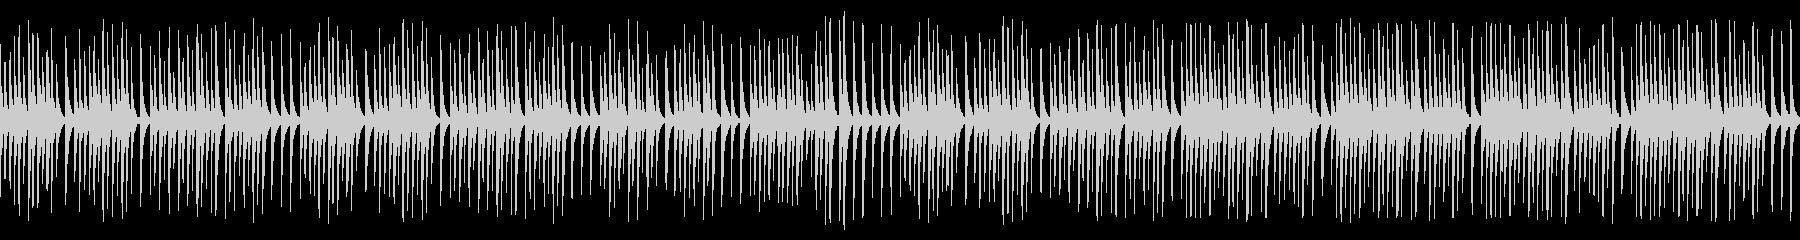 可愛い動物や作業動画に合う木琴(ループの未再生の波形